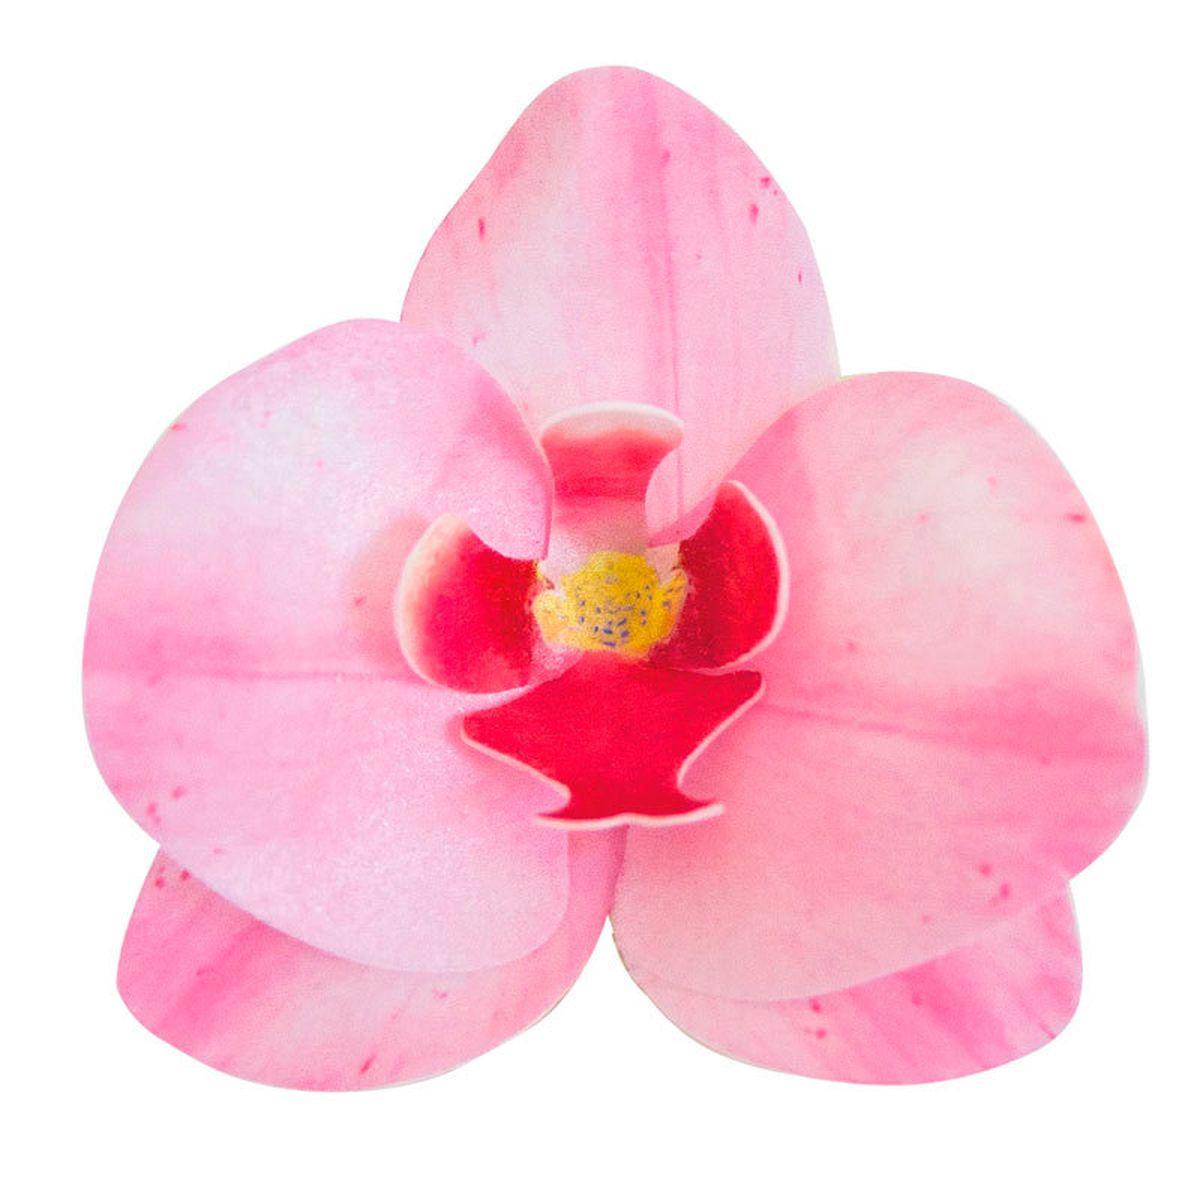 10 orchidées en azyme rose 8.5 x 7.5 cm - Dekora